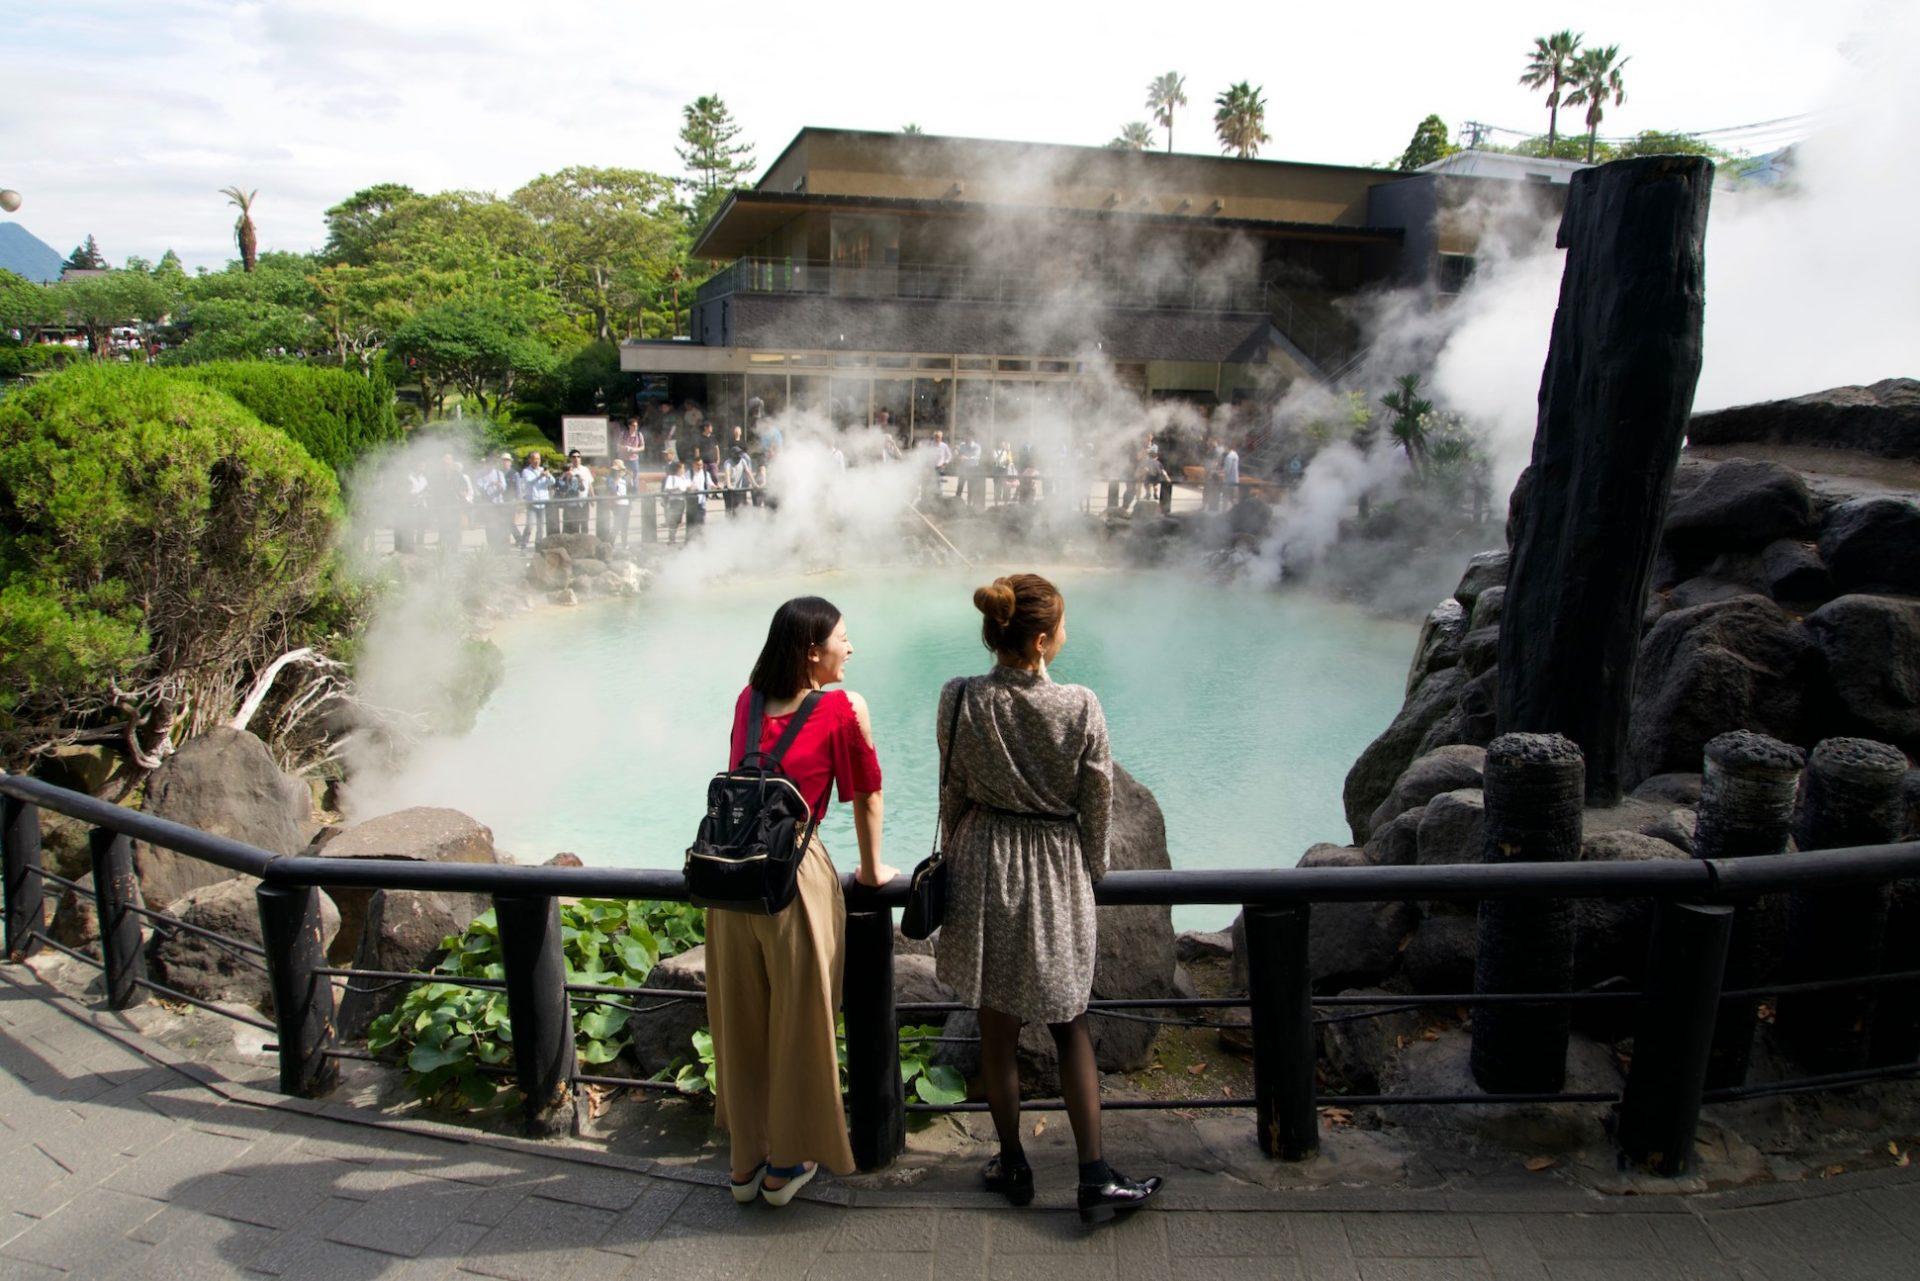 べっぷ地獄めぐり 別府市 大分県 観光 名所 人気 おすすめ 九州 旅行